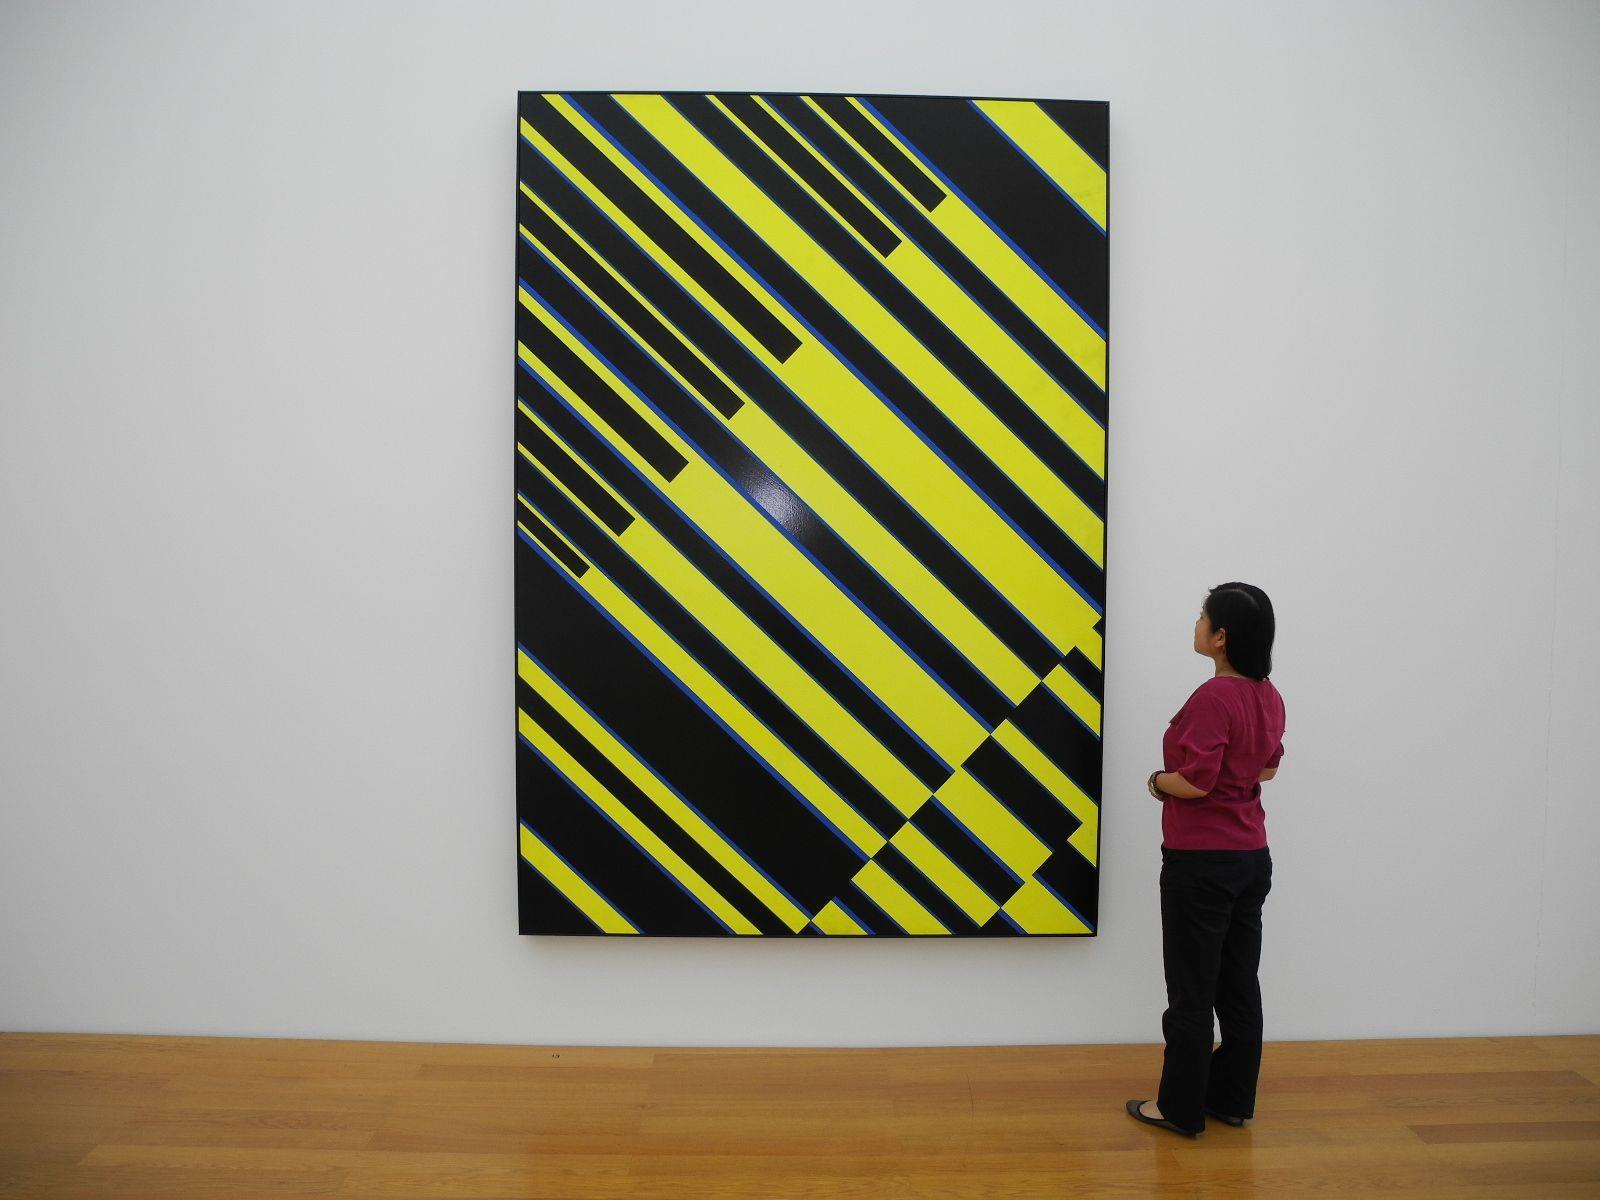 Eines der großflächigen streng geometrischen Kunstwerke von Fruhtrung